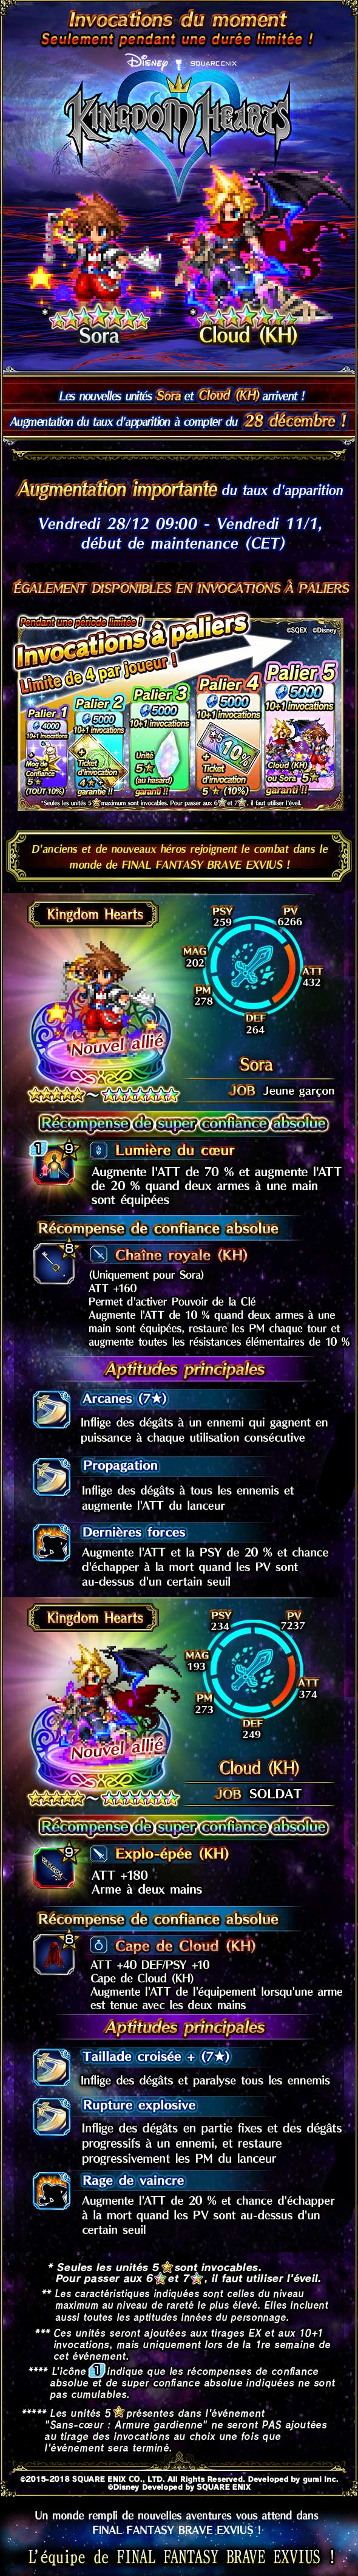 Invocations du moment - Collab Kingdom Hearts - du 28/12/18 au 11/01/19 20181226KHFeaturedSummon